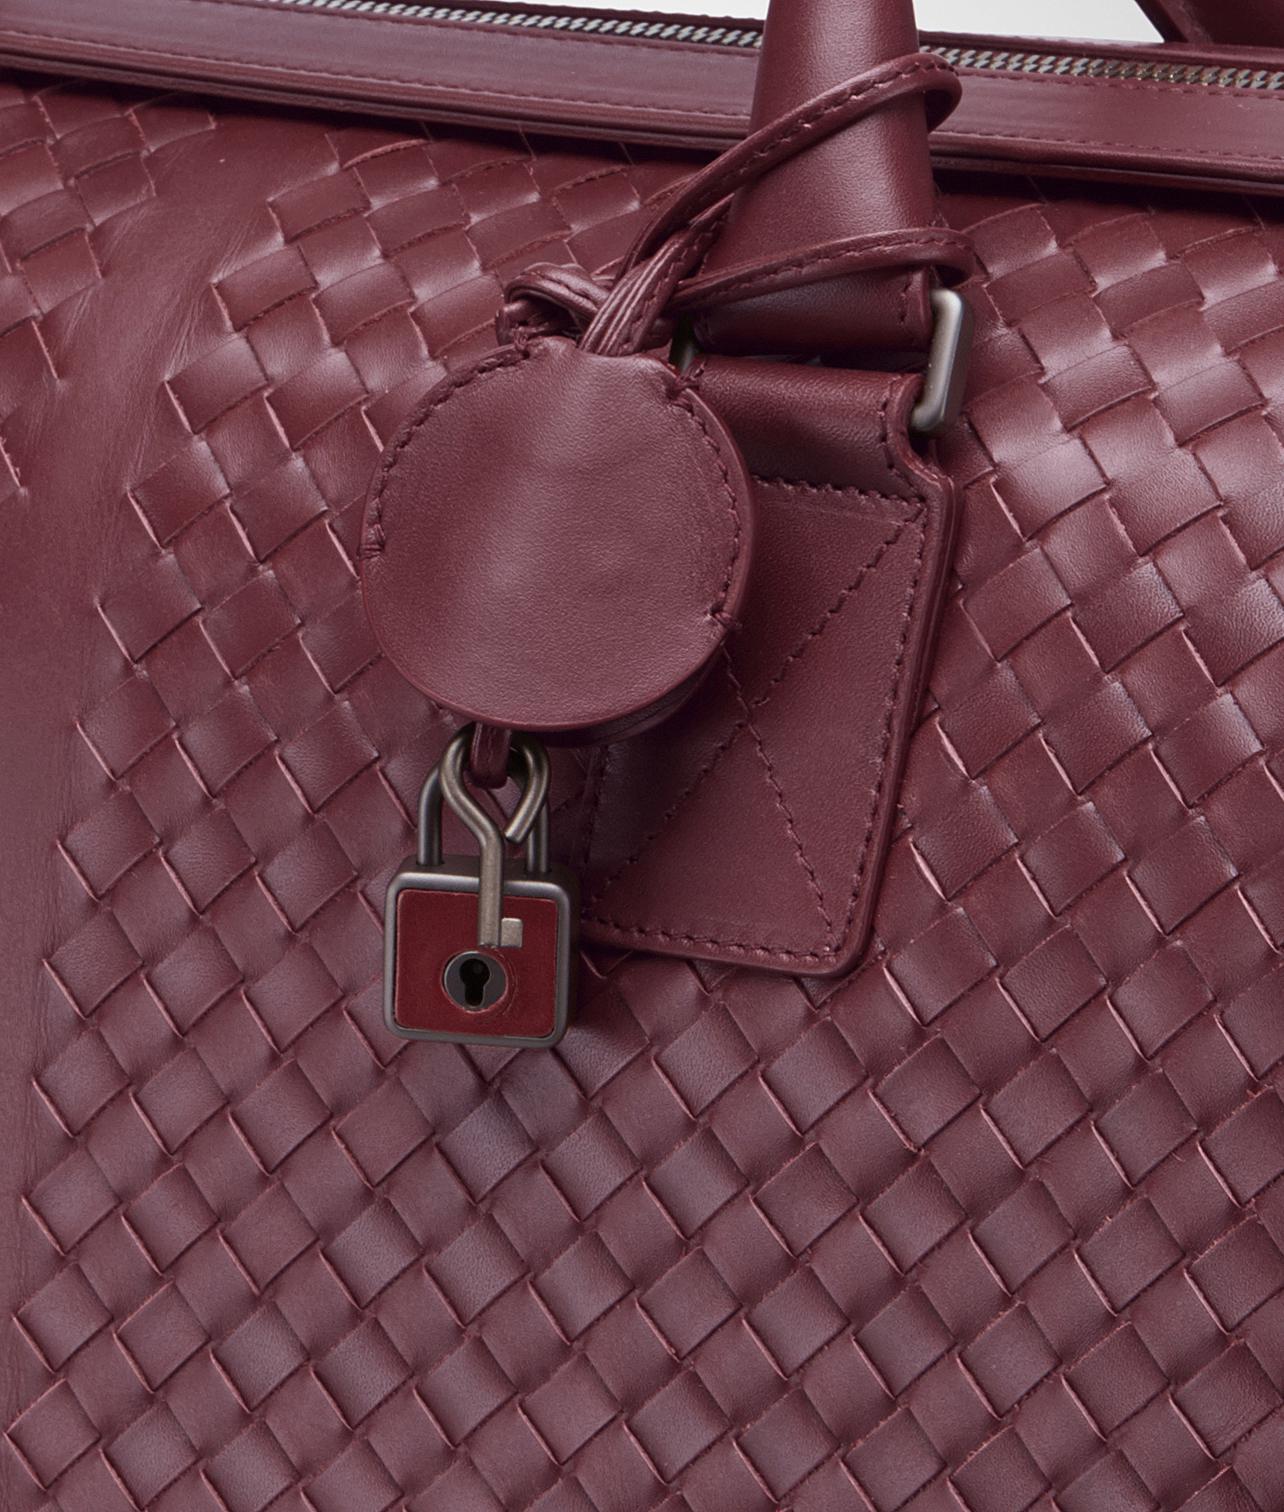 Lyst - Bottega Veneta Medium Duffle Bag in Purple 08d2deb021758